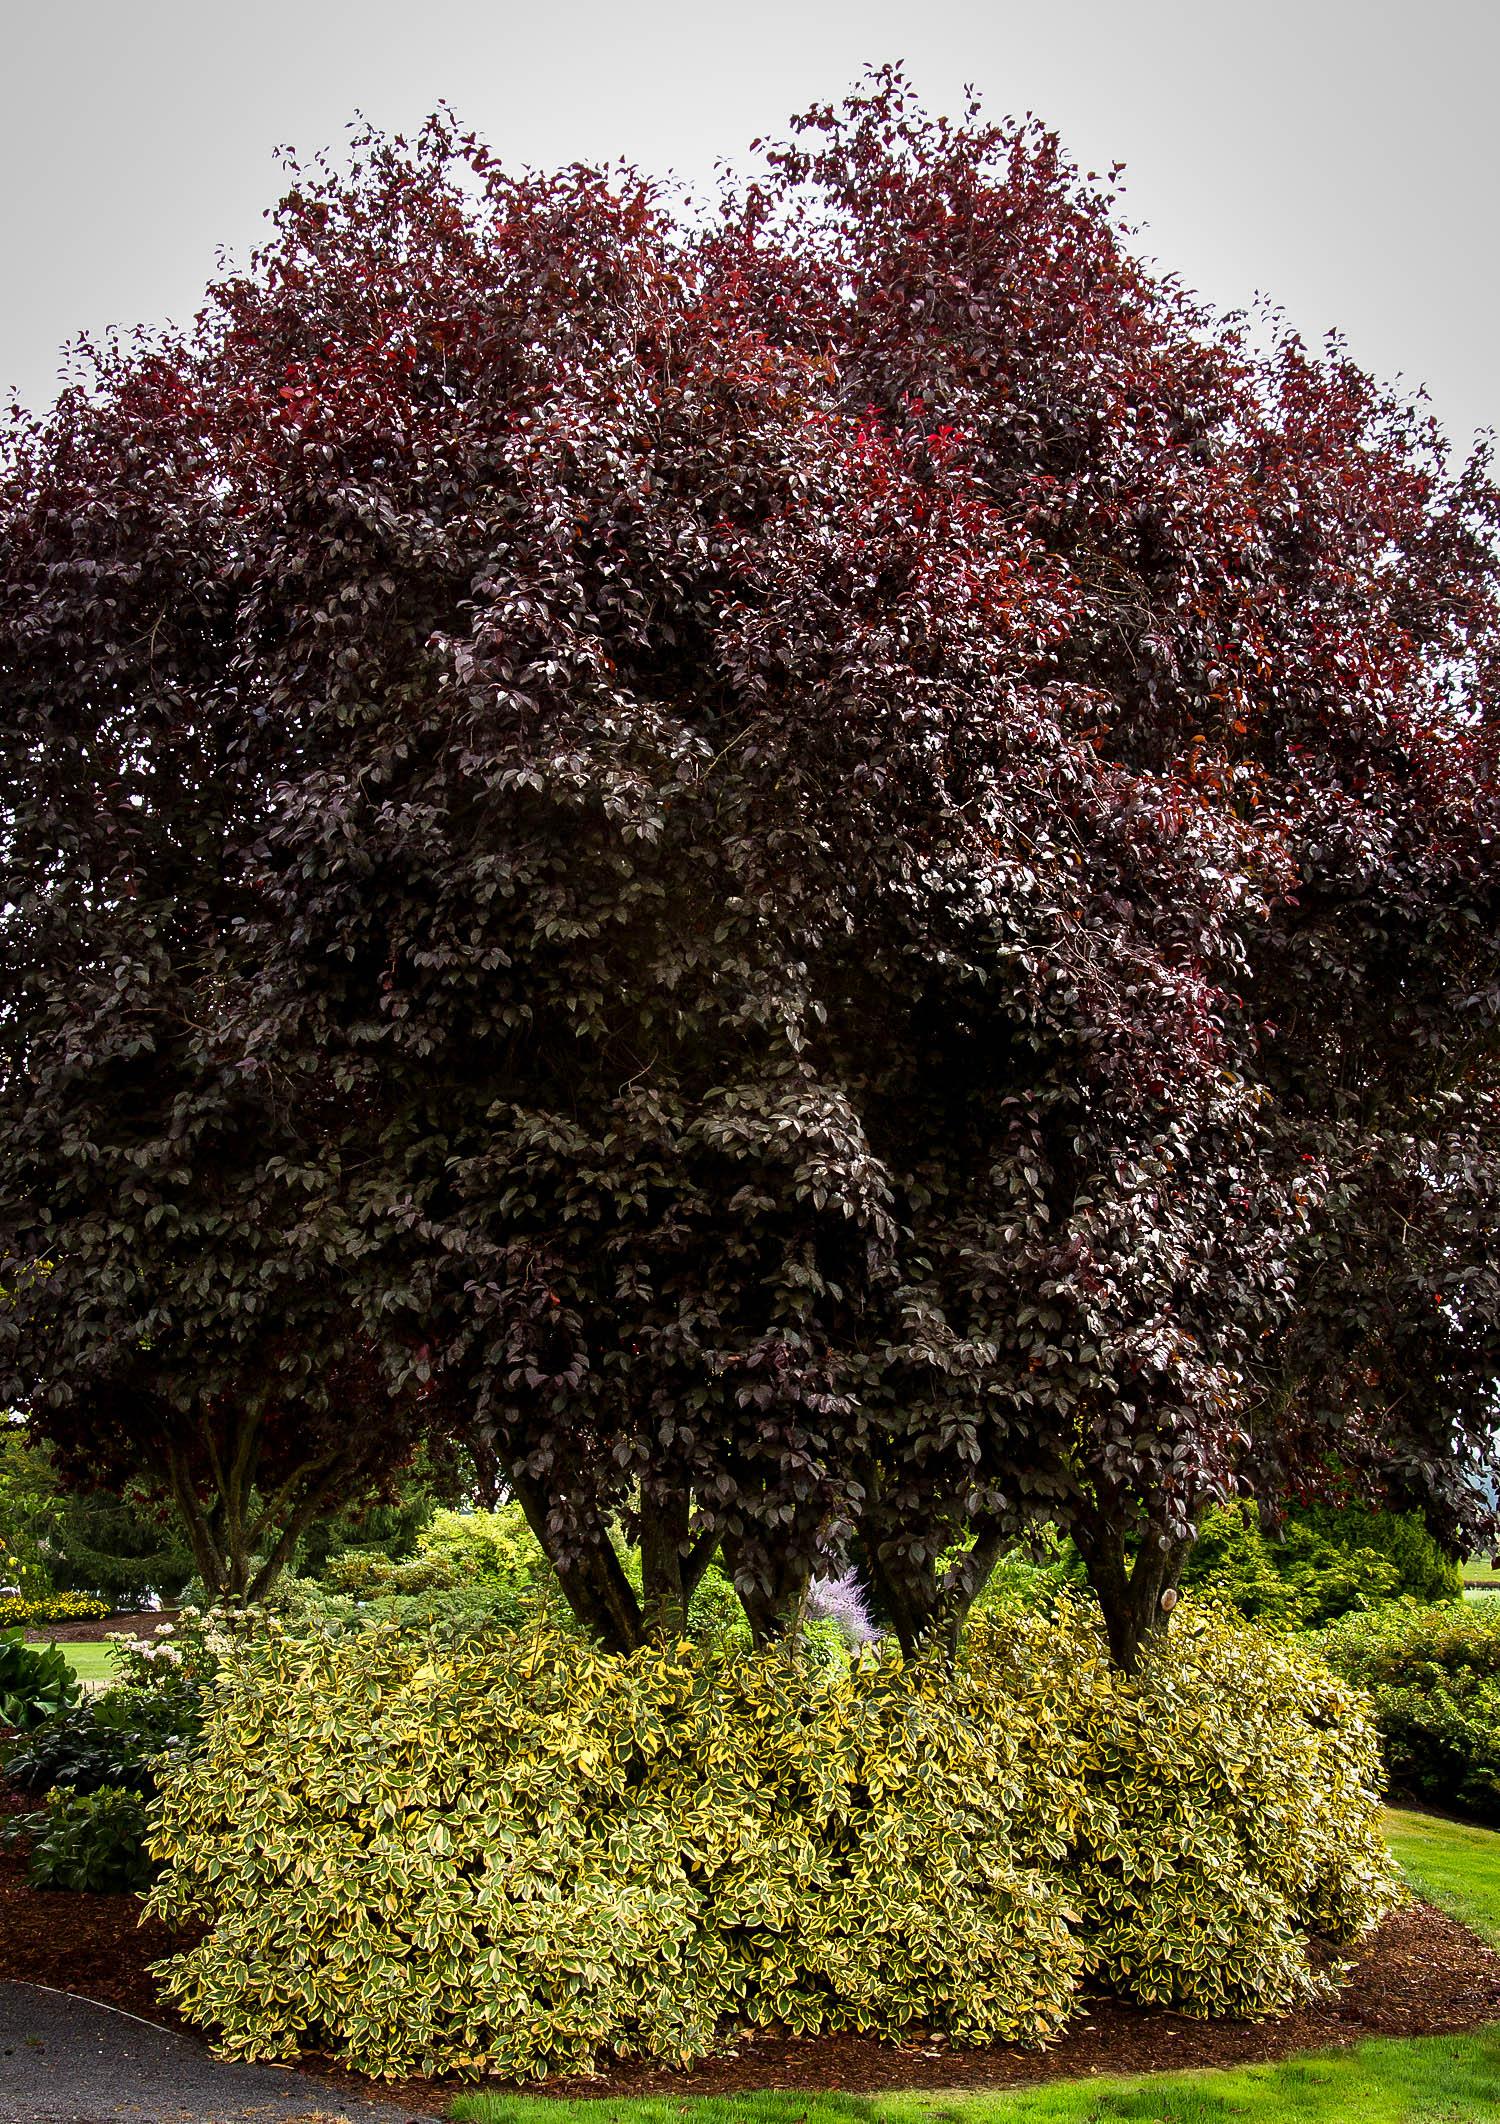 Thundercloud Purple Leaf Plum Trees For Sale The Tree